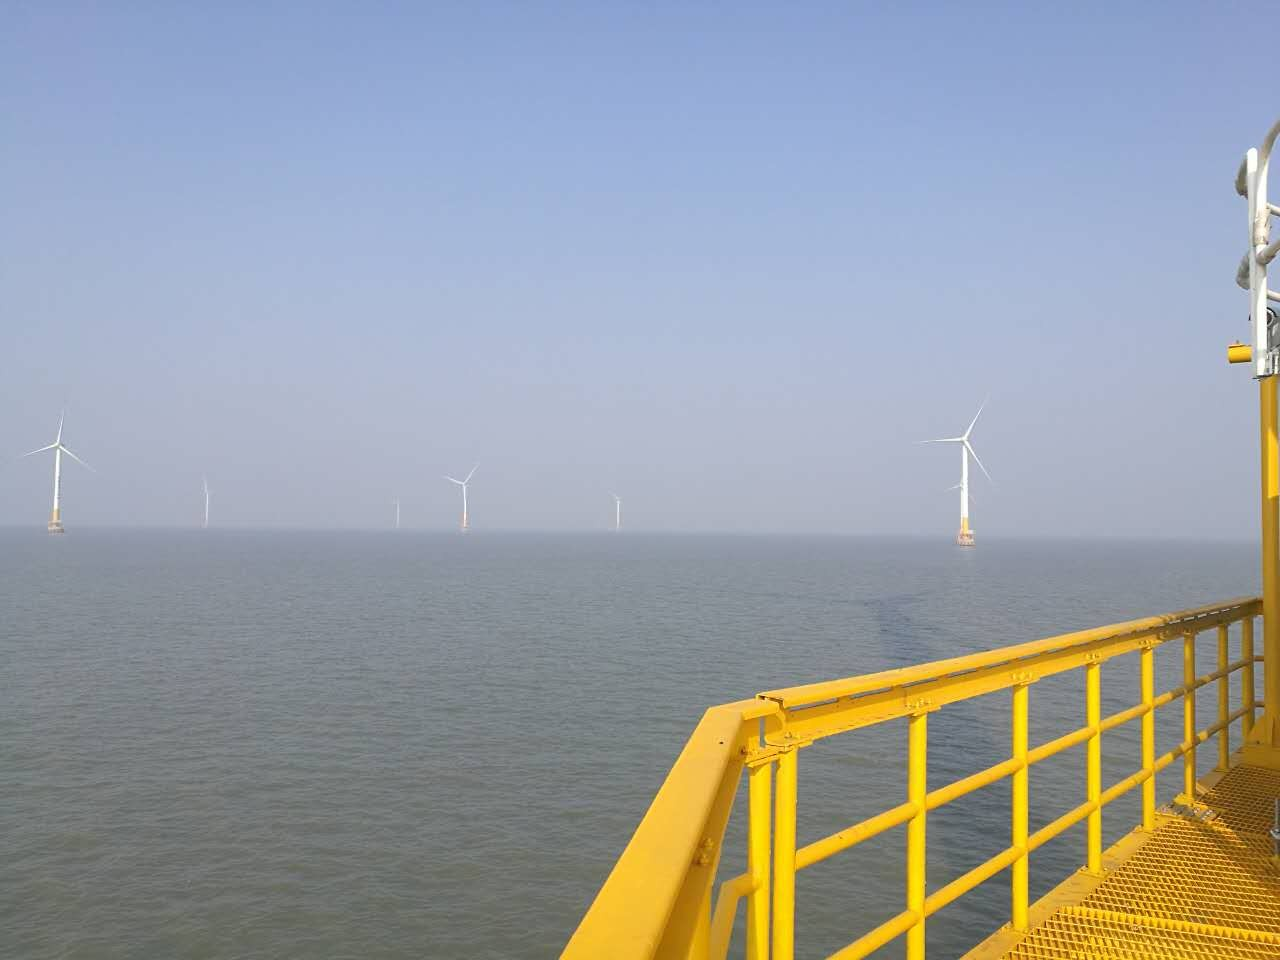 受中际联合(北京)科技股份有限公司邀请,近日,上海市特检院起重监检室派出专家组对位于上海市临港的28台风电塔筒用升降机进行了检验工作。升降机作为设备运输工具,广泛应用于风电塔。而该类设备目前不在法定检验目录内,故维保单位委托上海市特检院进行现场检验。   由于风电塔处于海湾,冬季低温风大,风电塔之间只能通过小船通行,而风电塔间距较远,检验难度极大。为高效、优质地完成检验任务,专家组召开研讨会,根据风电塔升降机特点制定了针对性强的检验方案,并确定以年轻党员同志为班底、大小船联动运送检验人员的实施方案。检验